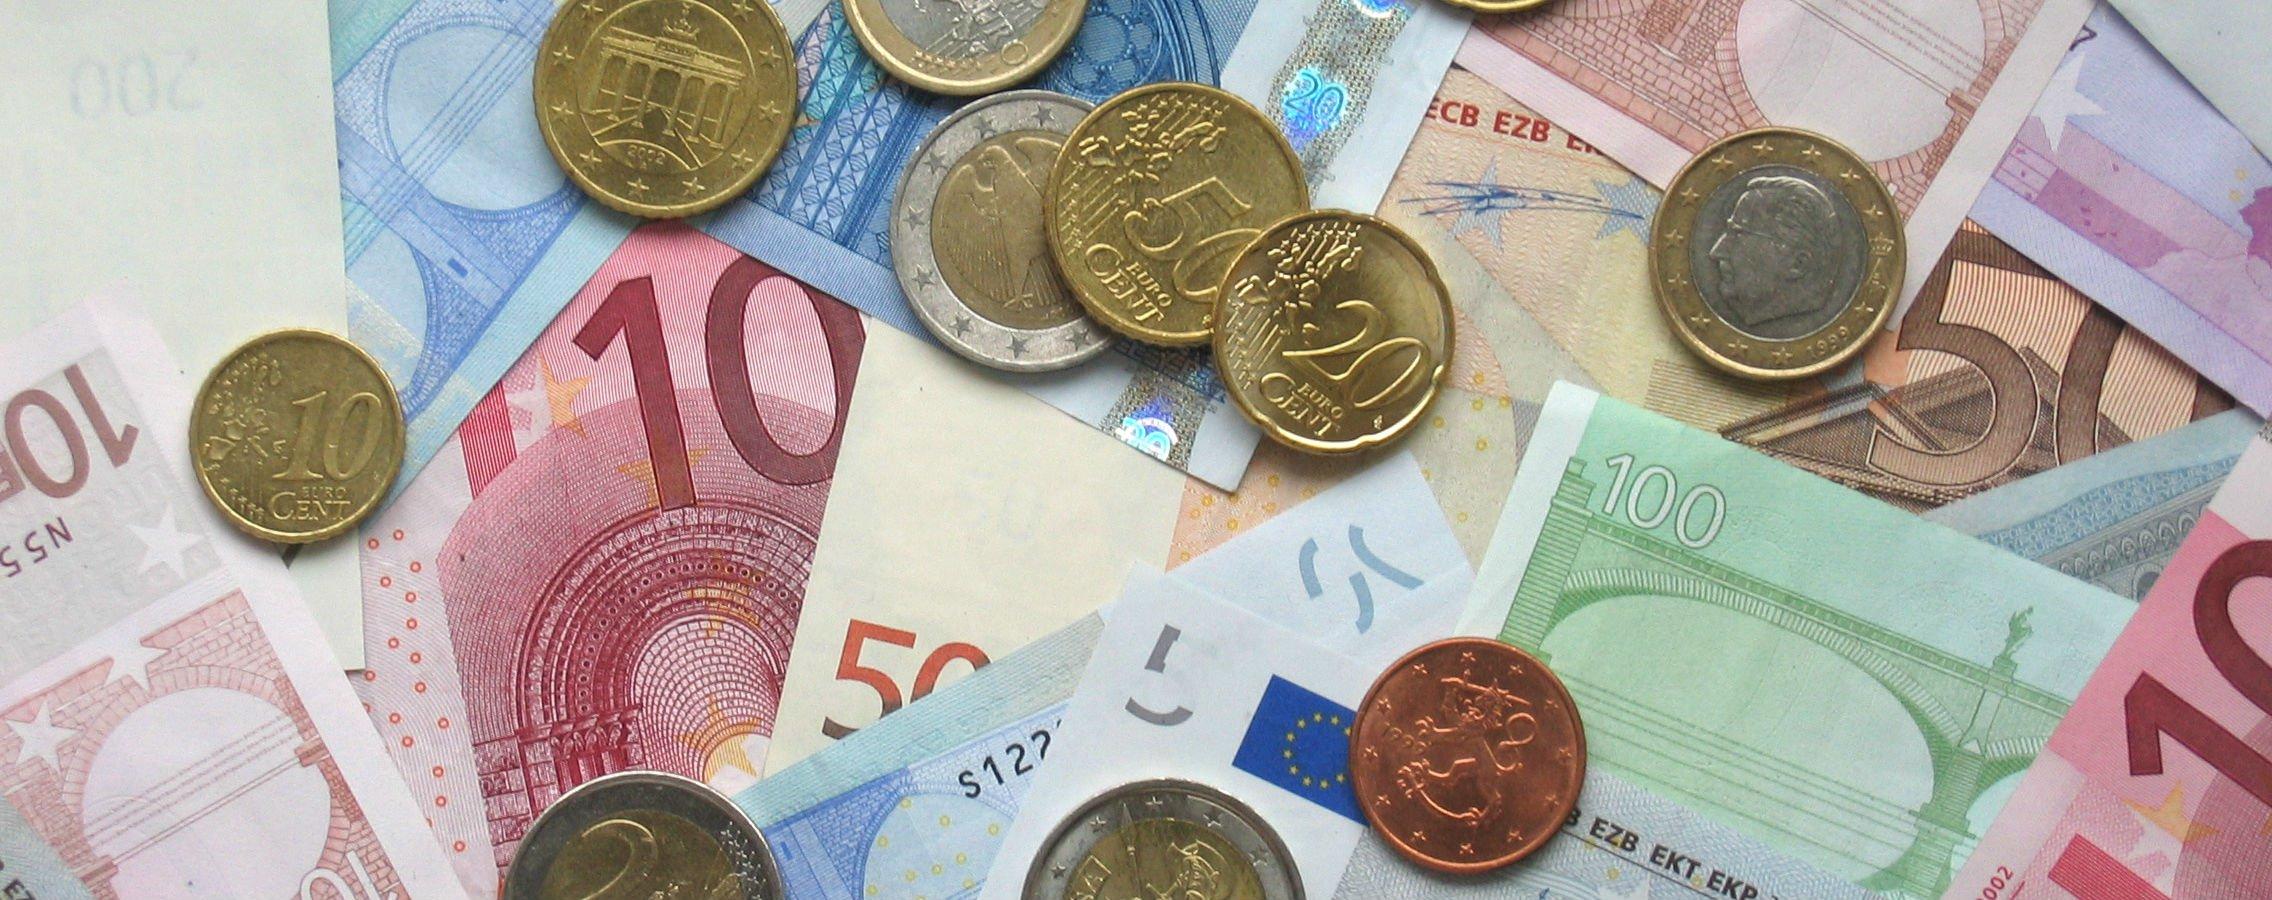 История возникновения ЕЦБ